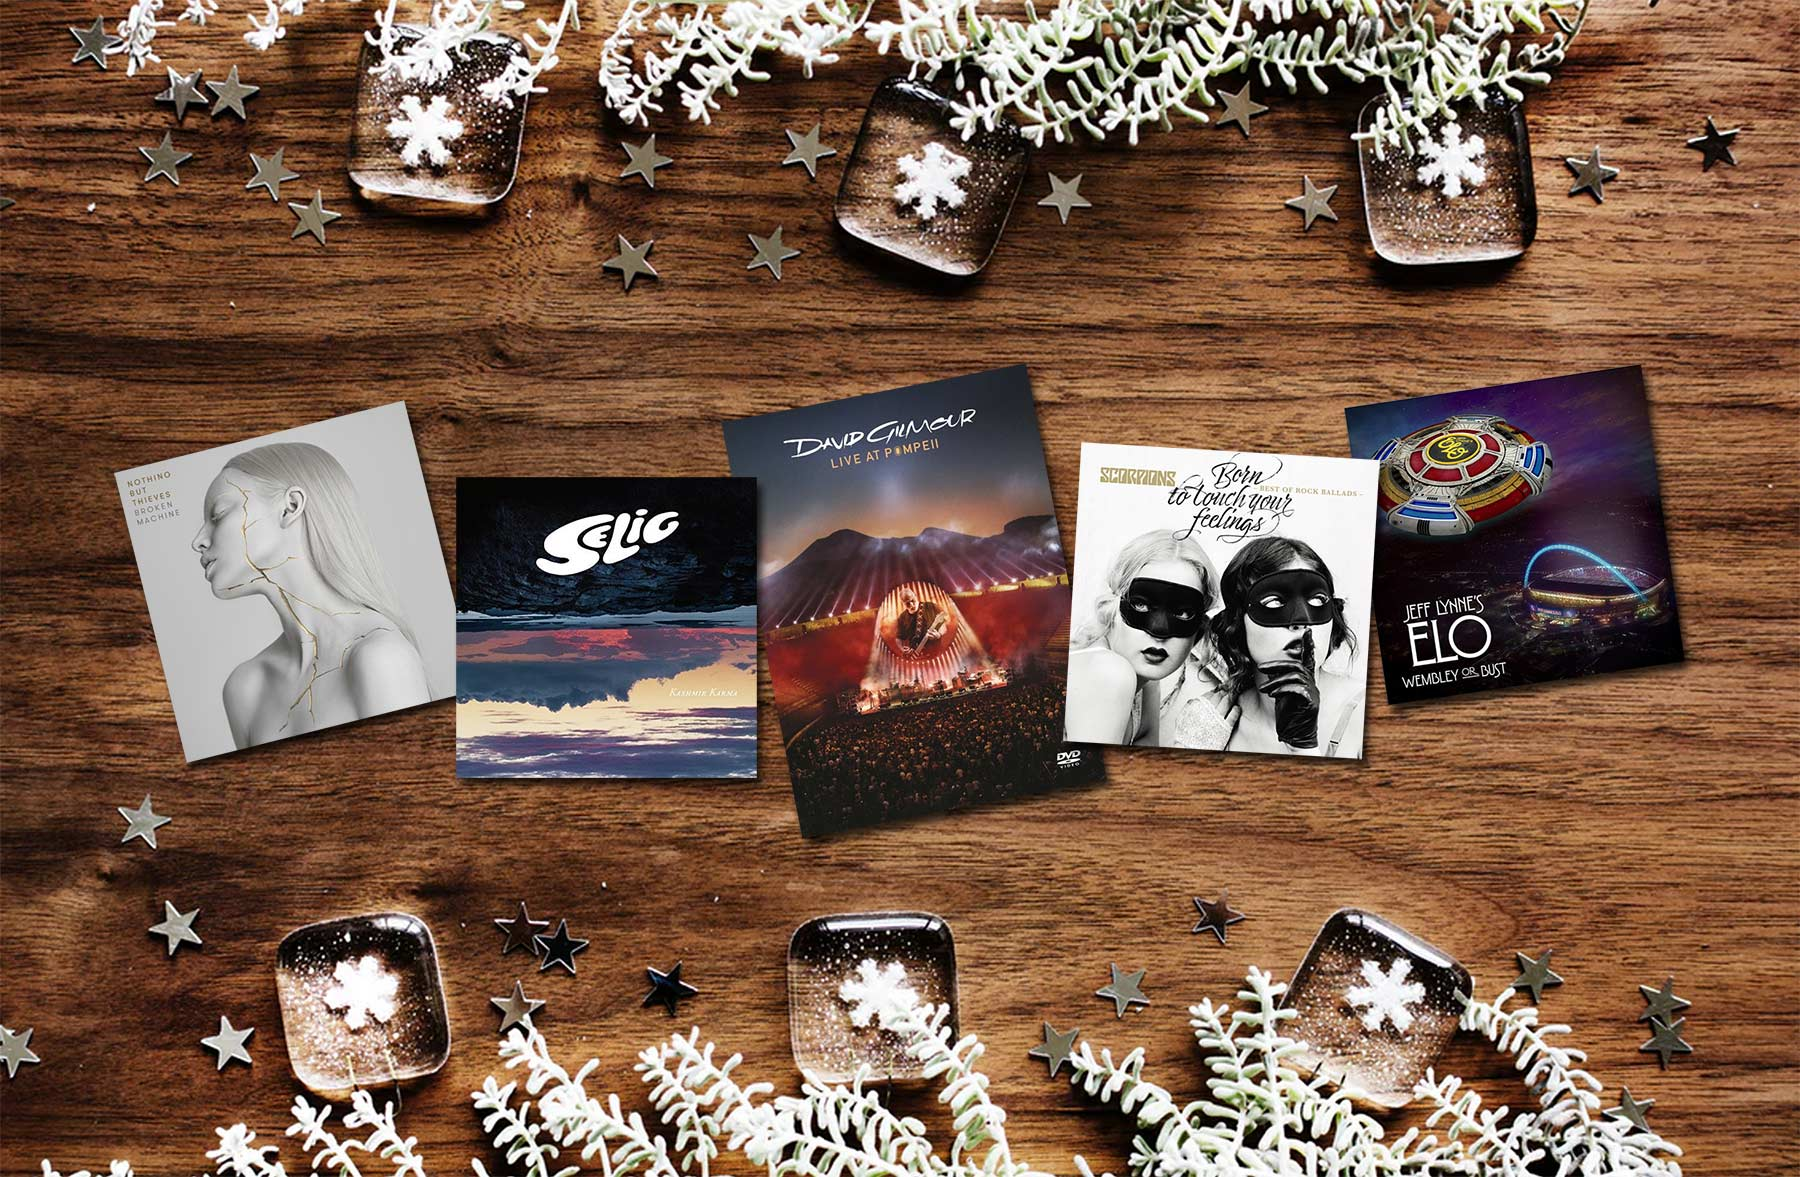 Nikolaus-Verlosung: Rockige Musik nikolausverlosung-sony-music-paket